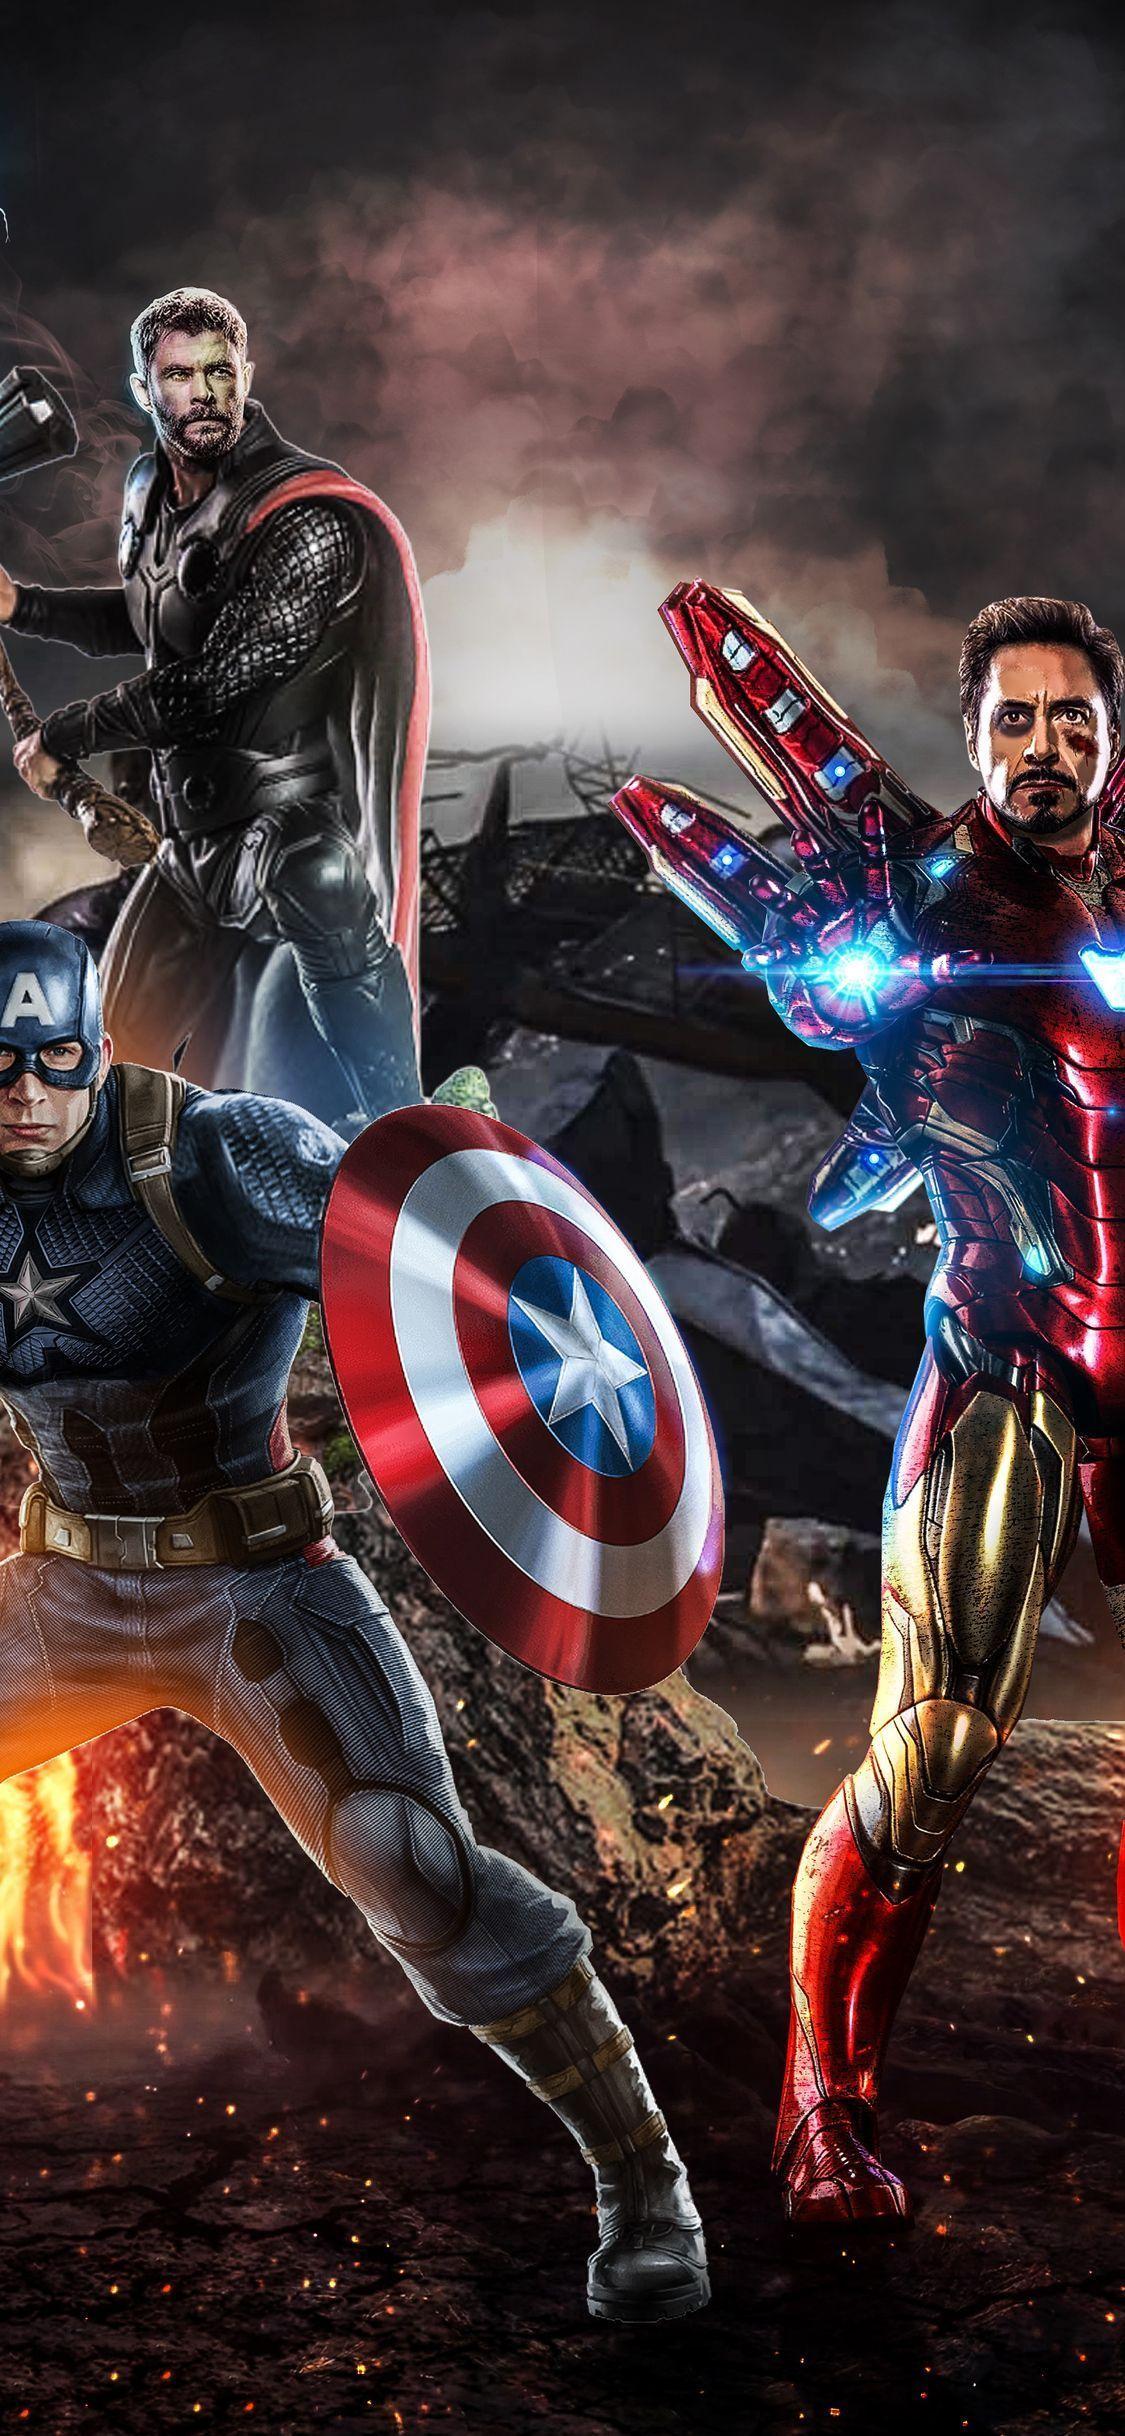 Avengers Endgame Wallpaper 4k Iphone 3d Wallpapers 3dwallpapersuperhero Avengers Endga 3dwallpapersuper In 2020 Avengers Wallpaper Avengers Iron Man Avengers